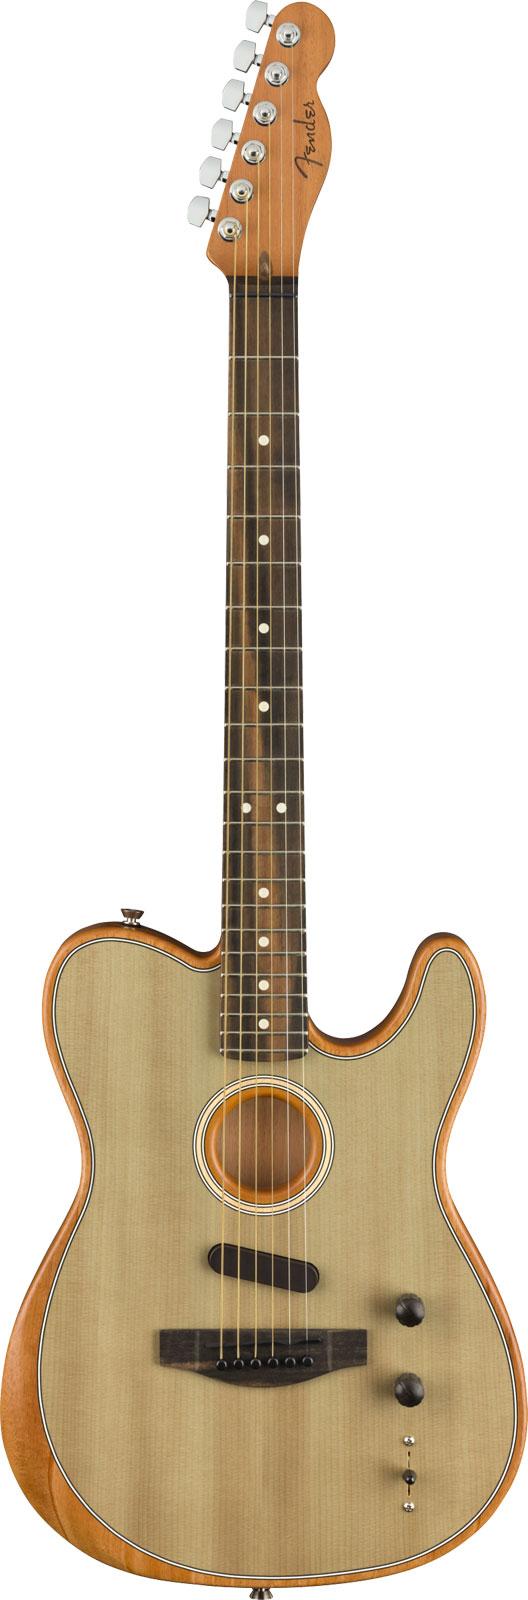 Fender Acoustasonic Telecaster Sonic Gray